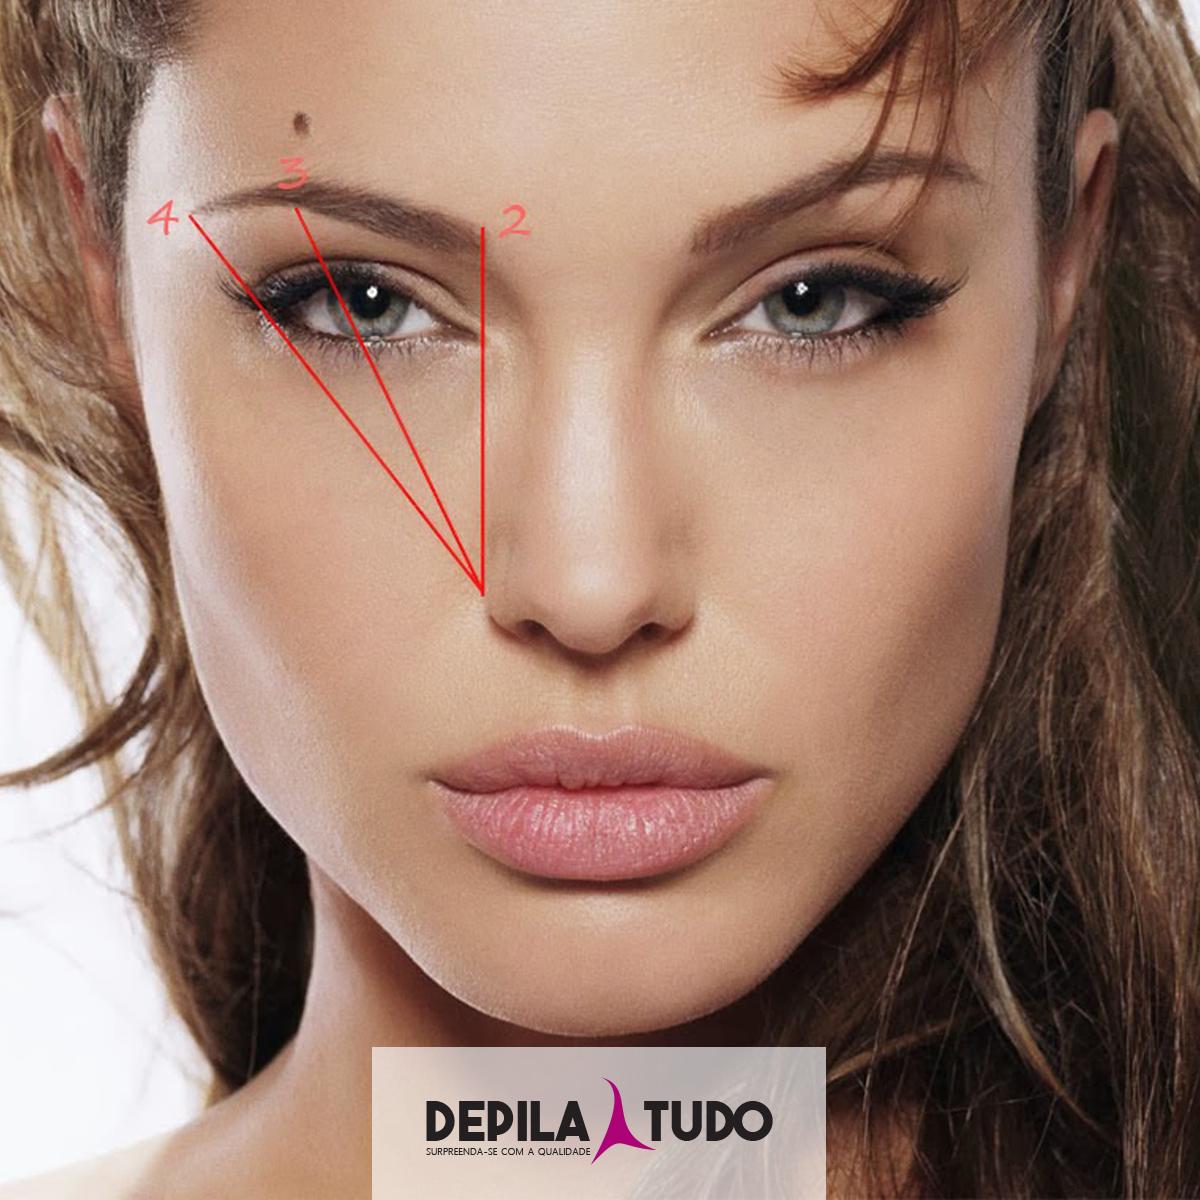 Cuidados-com-a-pele-facilitam-a-depilação-das-sobrancelhas-depila-tudo